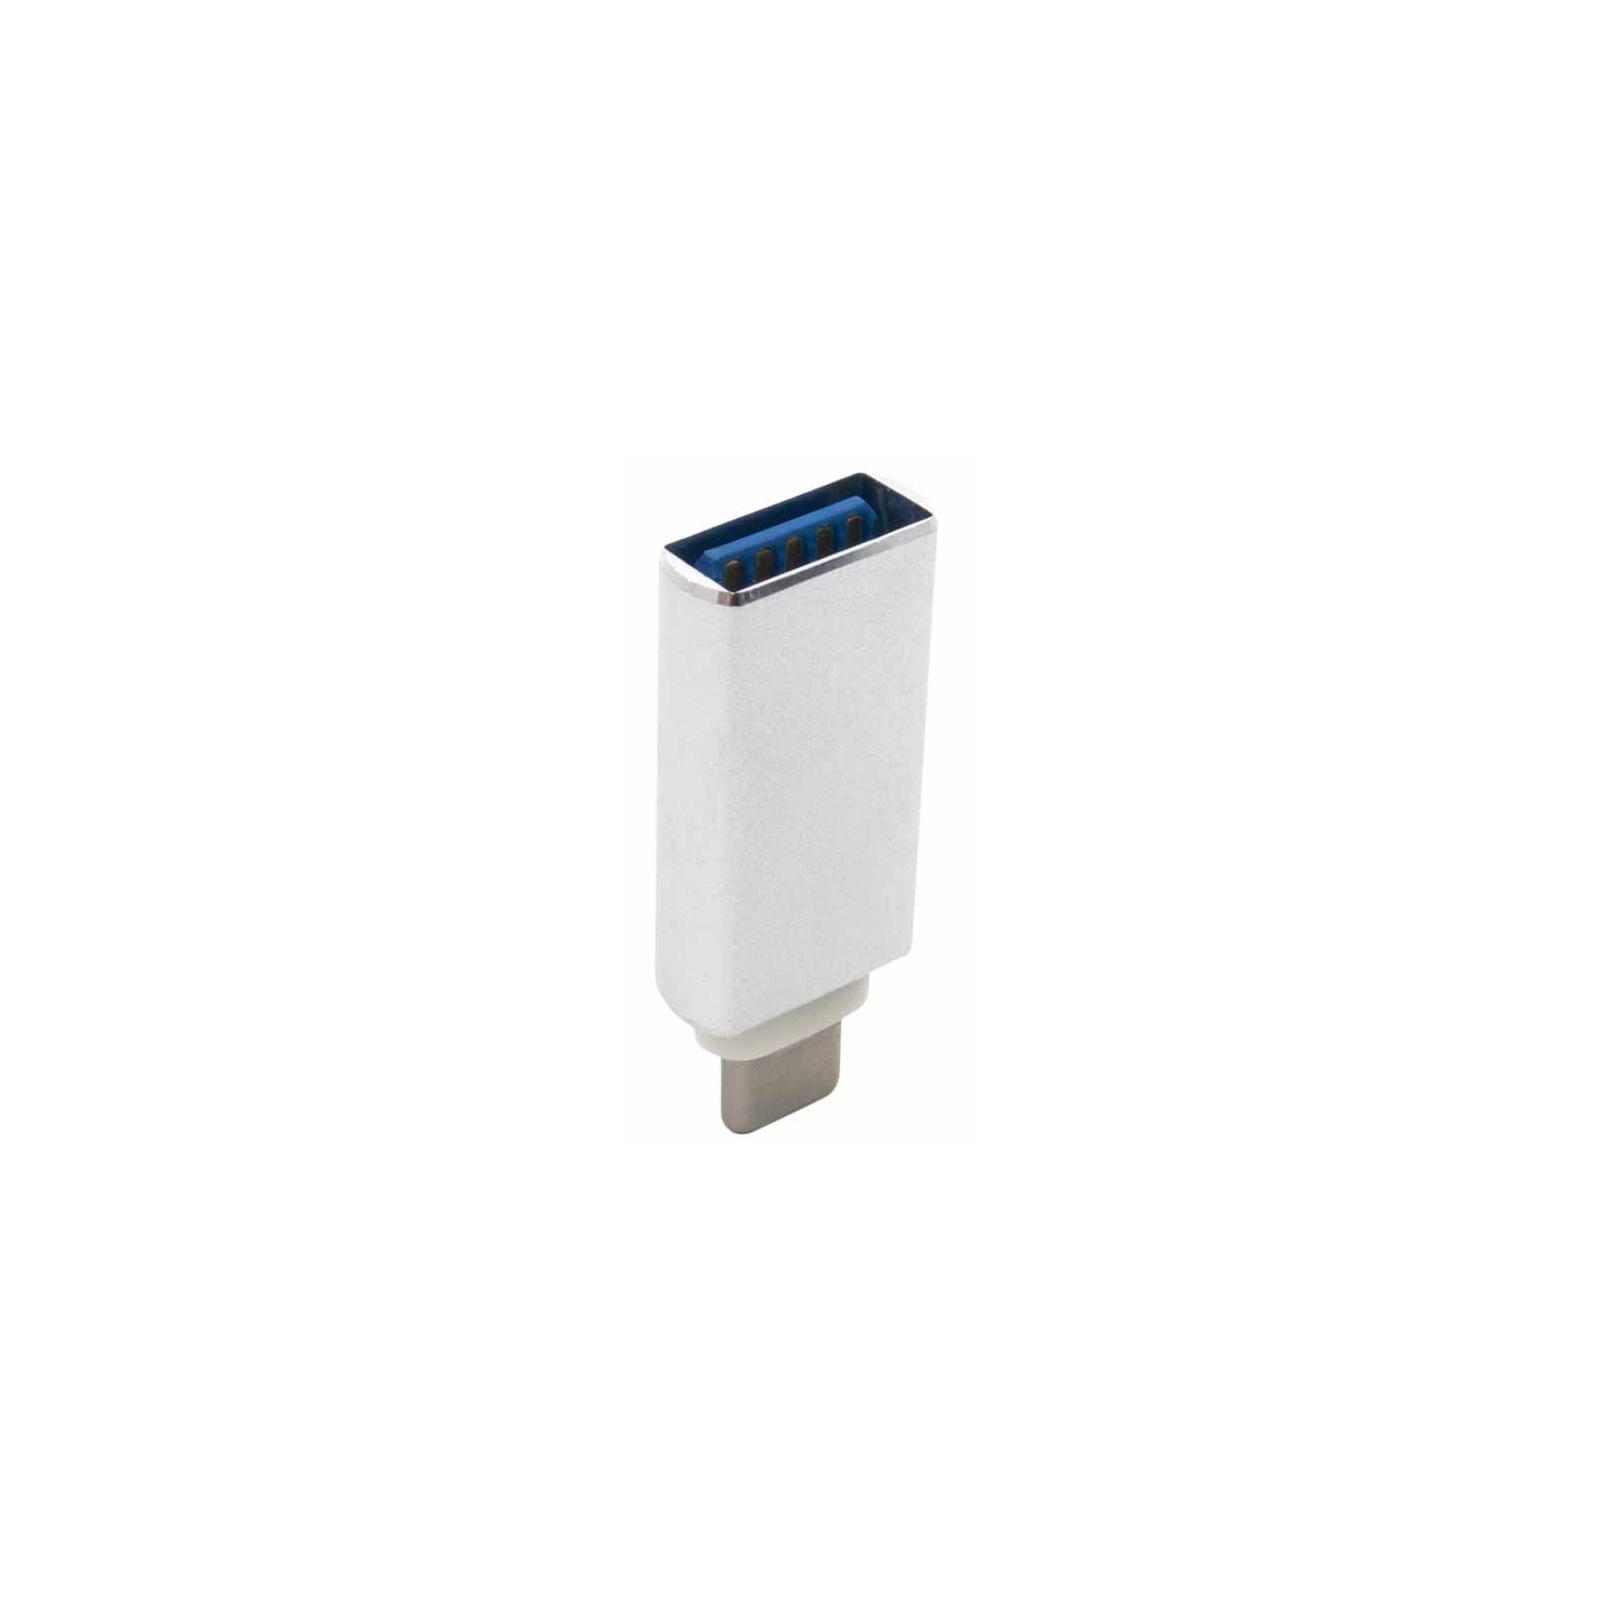 Переходник USB 3.0 Type-C to AF EXTRADIGITAL (KBU1665) изображение 6